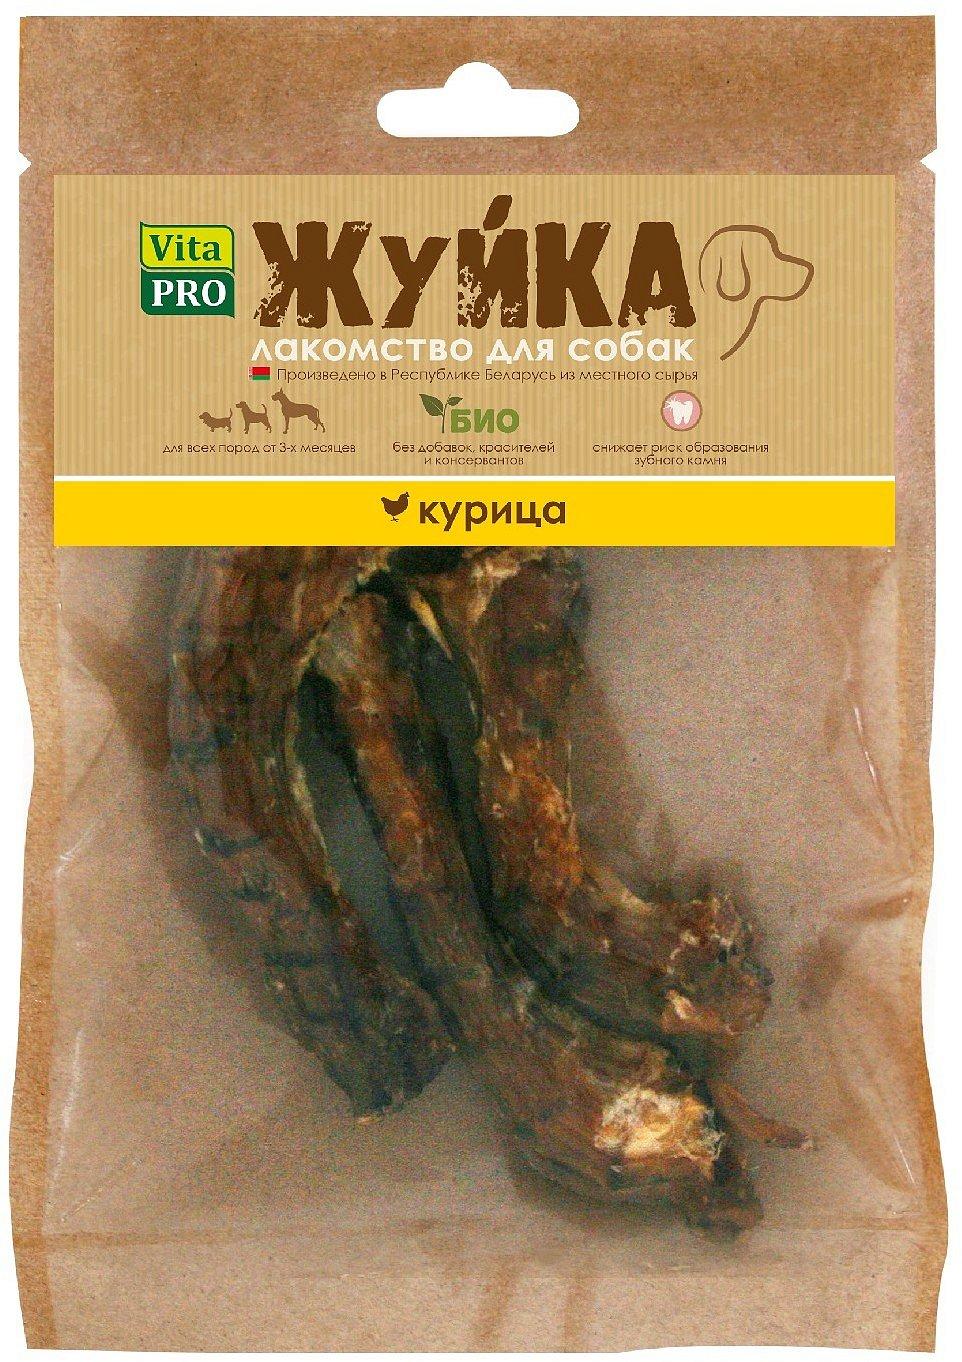 Вита Про Лакомство Жуйка для собак Шейки куриные сушеные, 35 г, Vita Pro